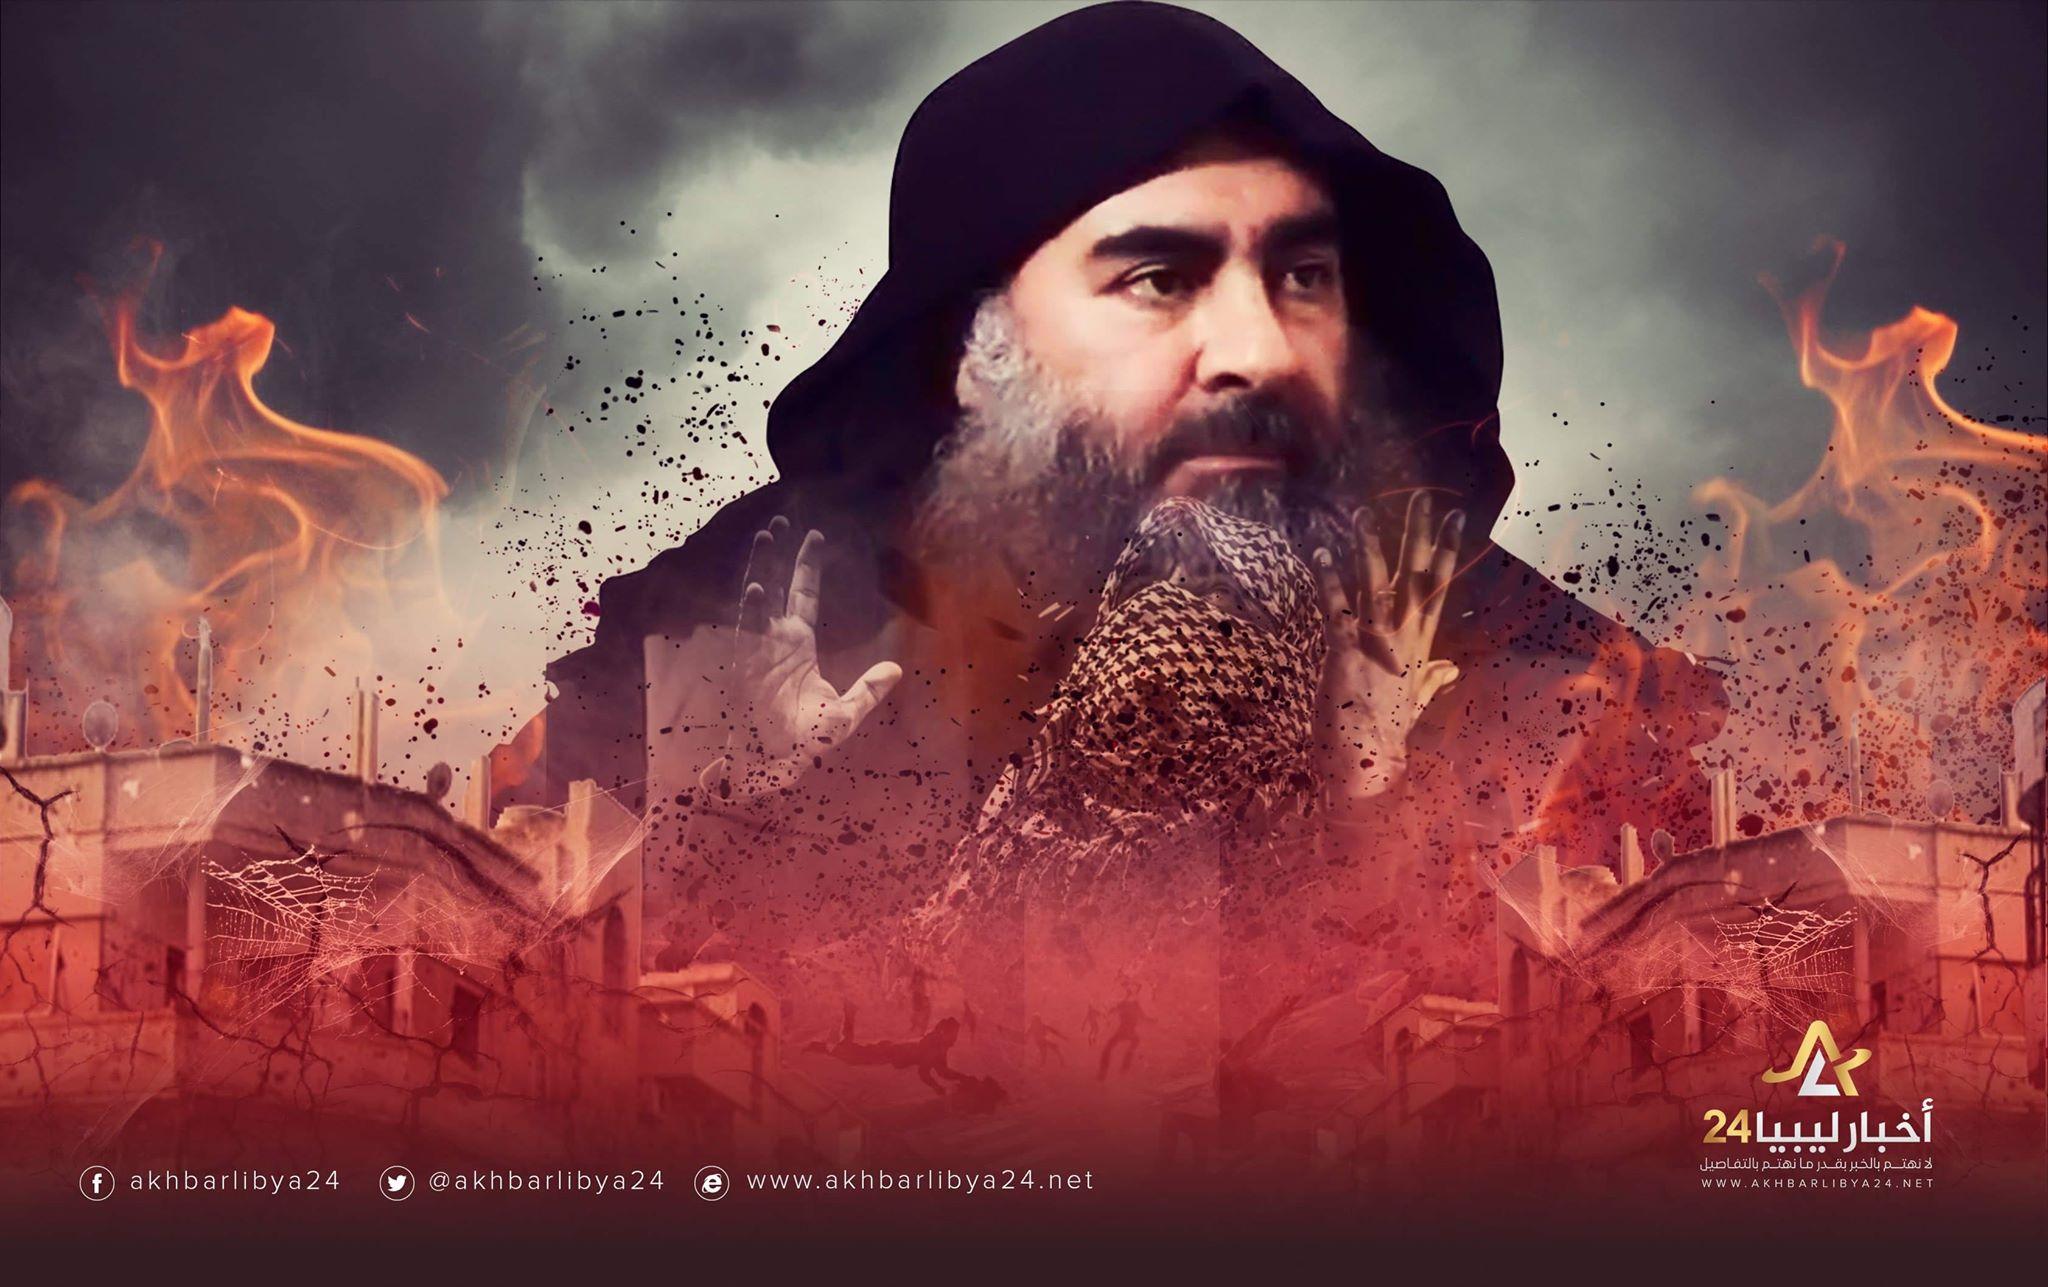 صورة موقف الدول تجاه معتقلي داعش بعد مقتل زعيم التّنظيم الإرهابي